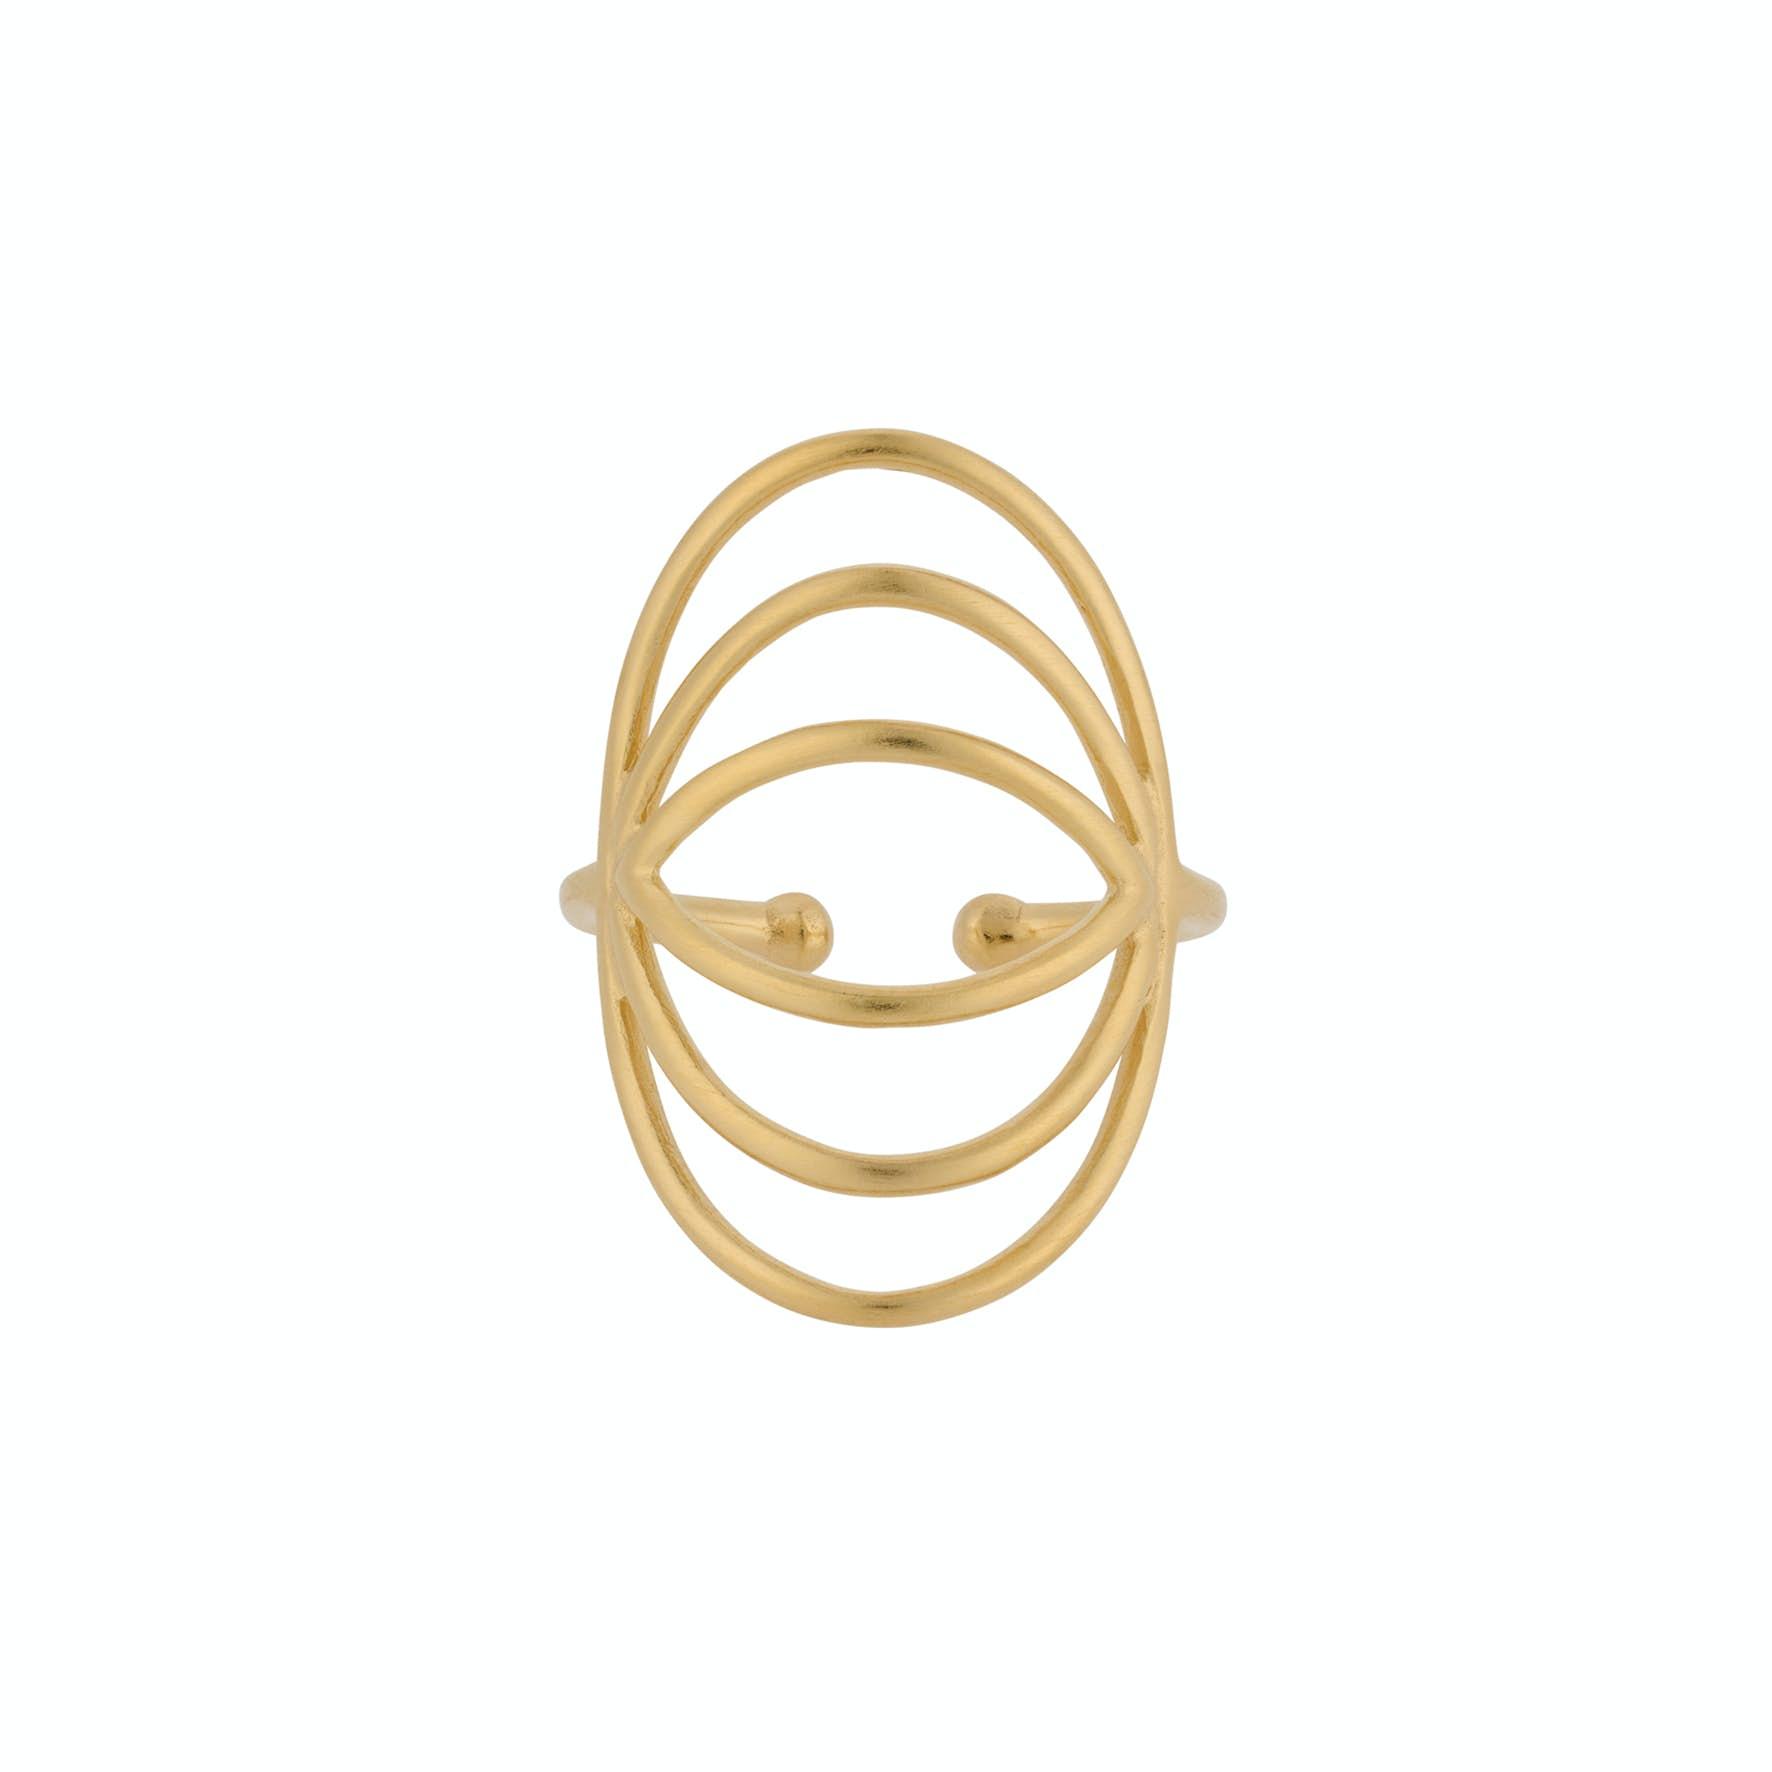 Silhouette Ring von Pernille Corydon in Vergoldet-Silber Sterling 925